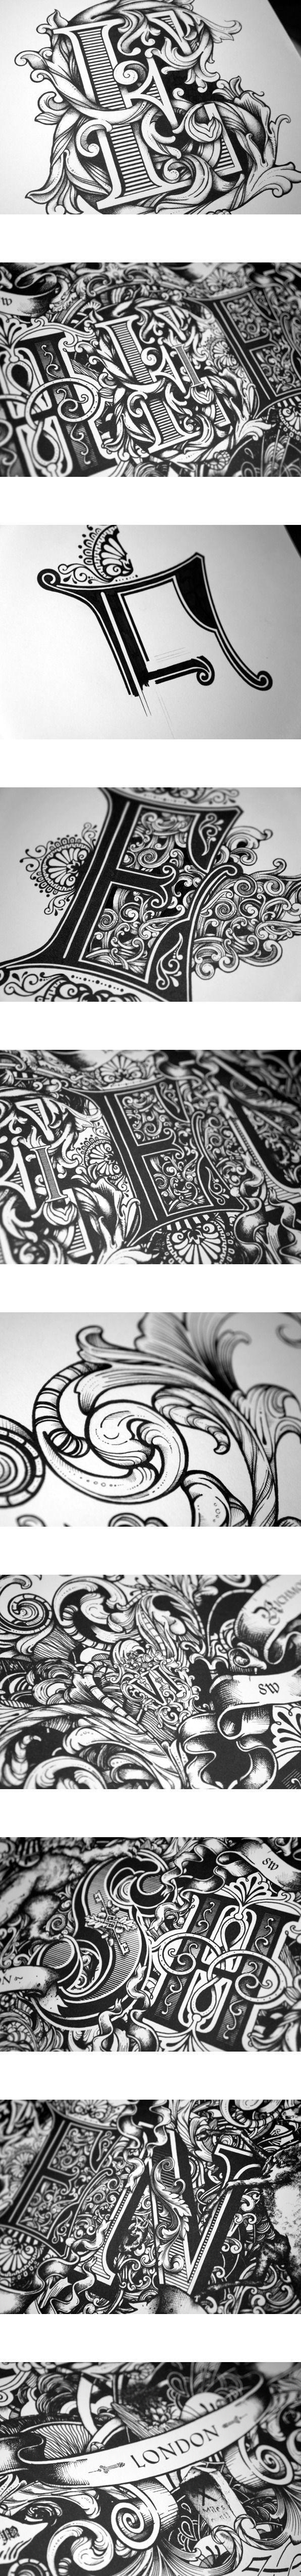 Des lettres az coloriage xpx coloriage enluminure lettre v page 2 car - Rp Typographie 10 Un Caract Re Cr Atif Blog Du Webdesign